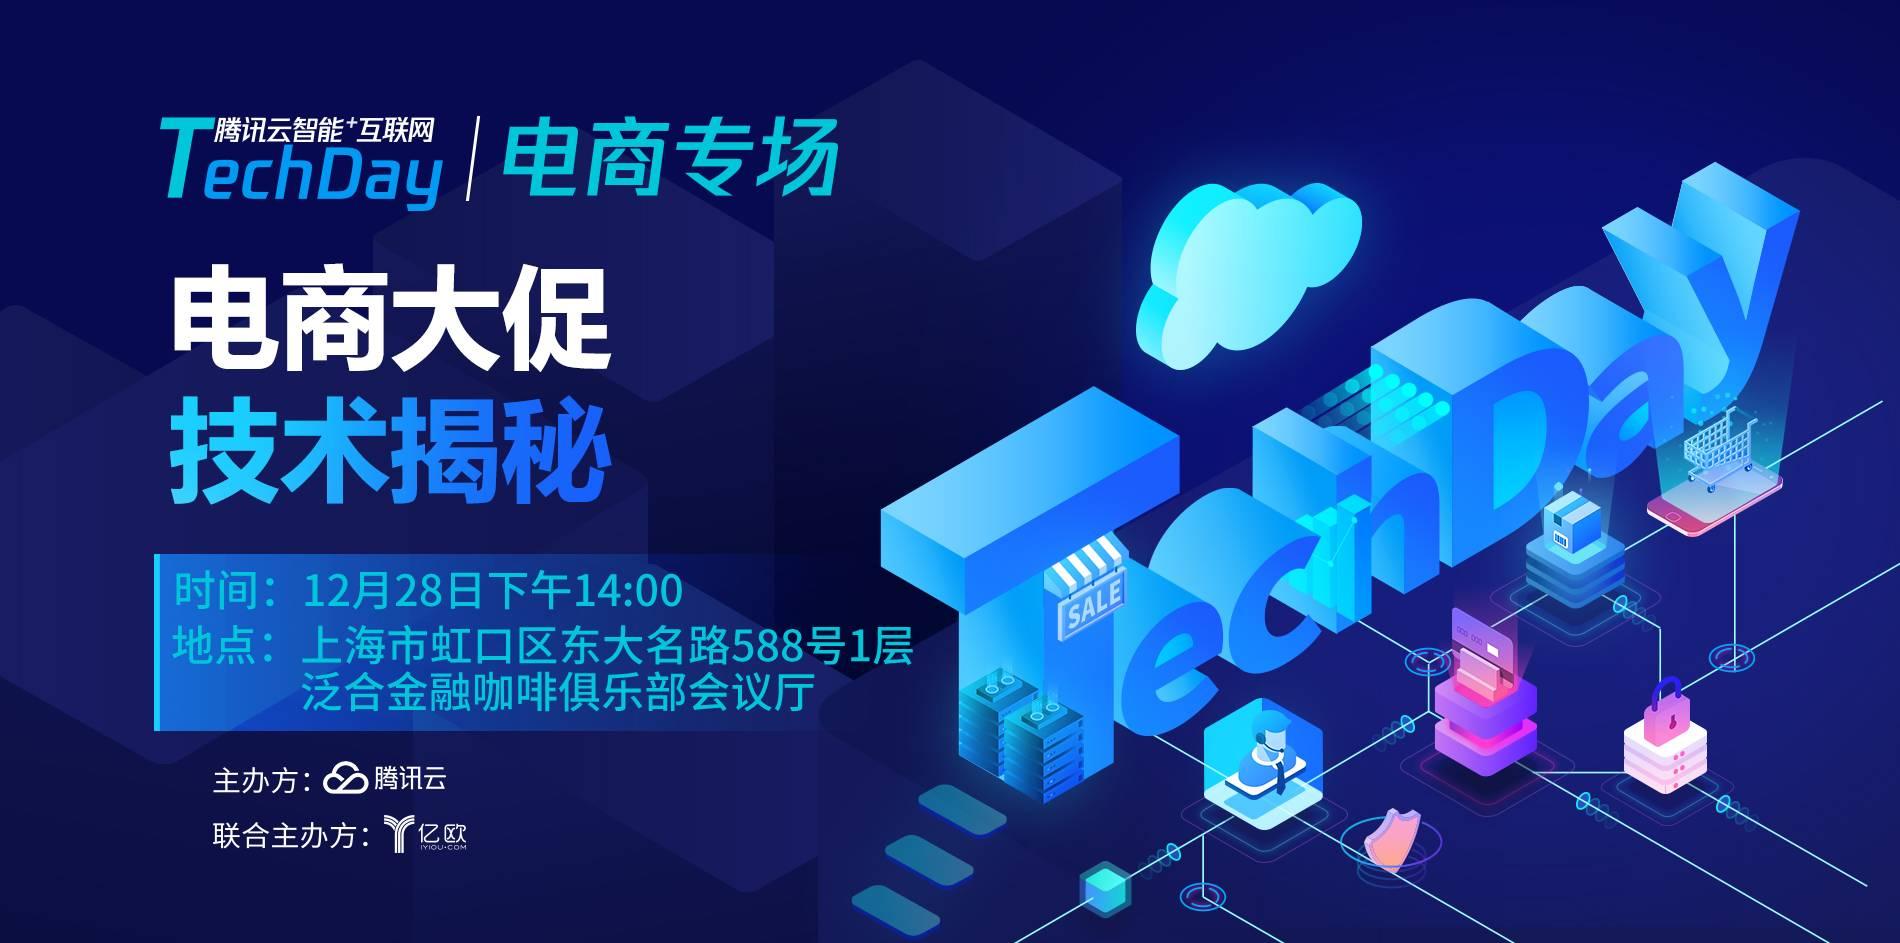 """【活动】2018年腾讯云""""智能+互联网TechDay""""电商大促技术揭秘-亿欧"""